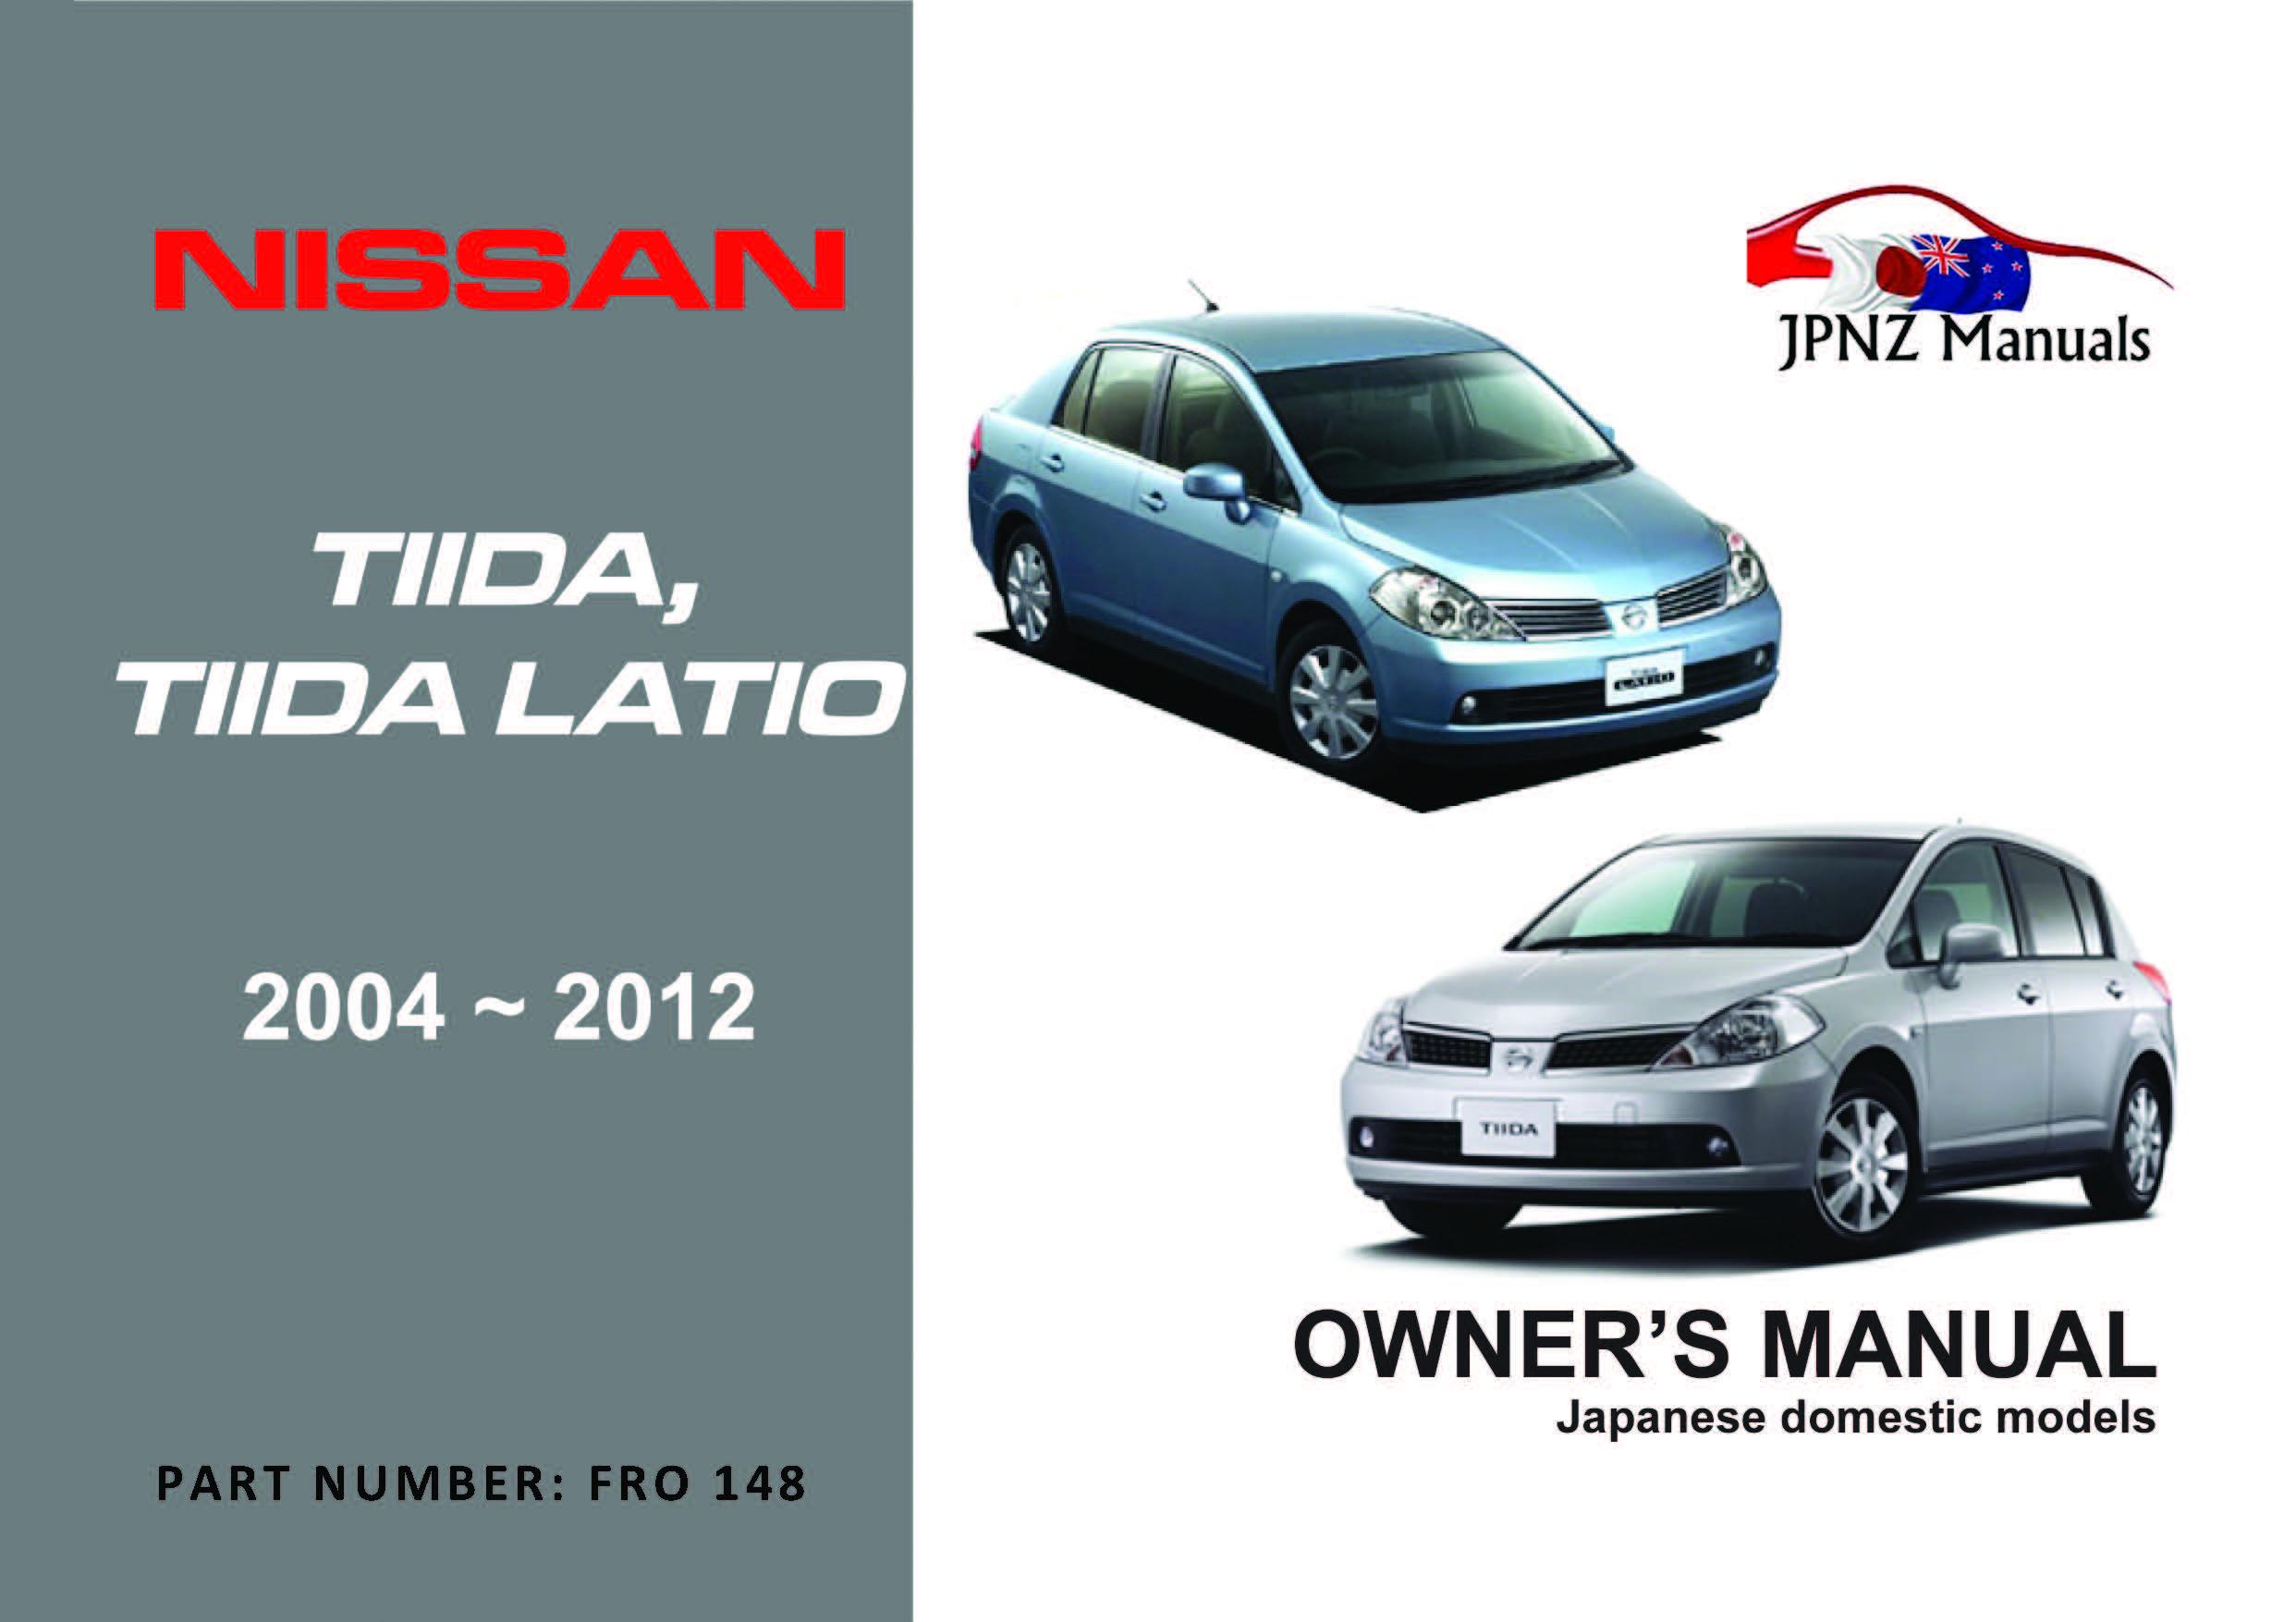 Nissan – Tiida / Tiida Latio owners manual   2004 – 2012